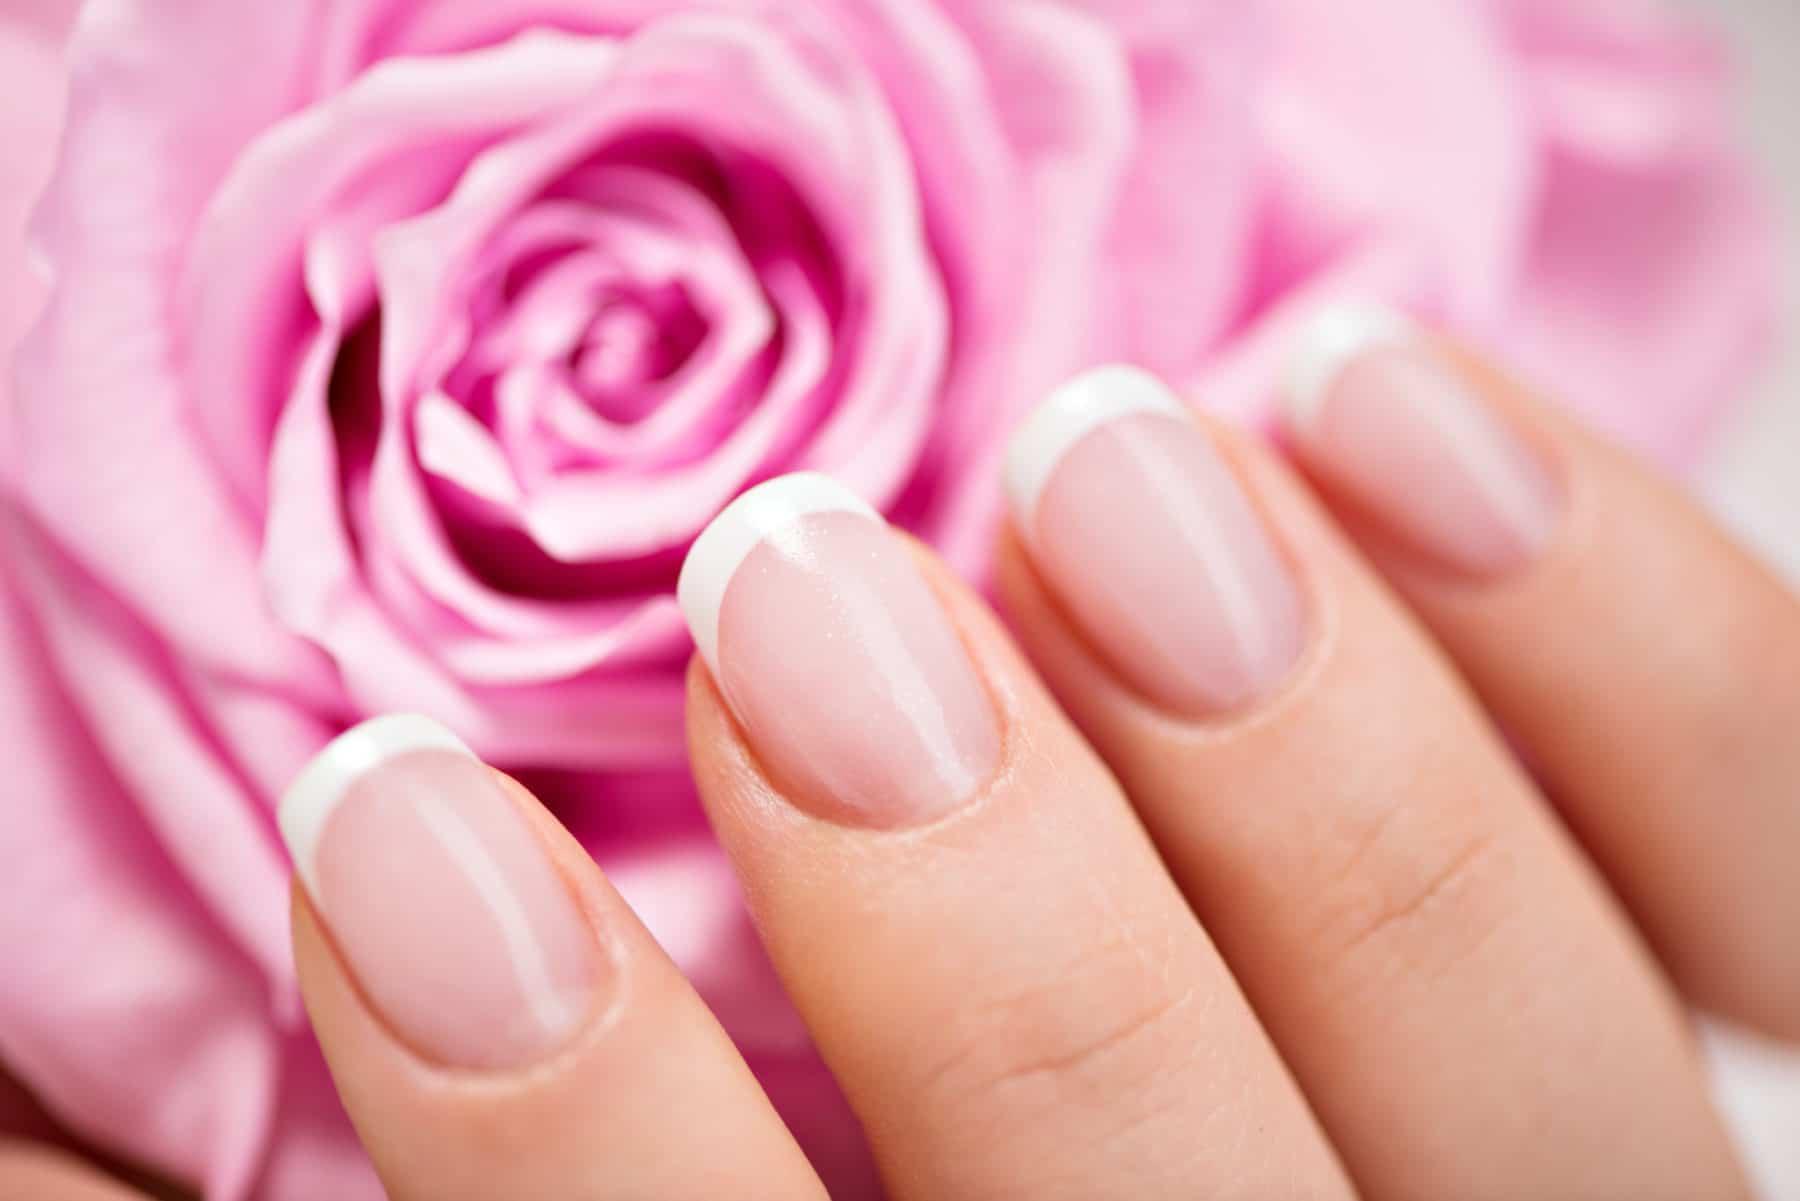 silicea-loften-naglar